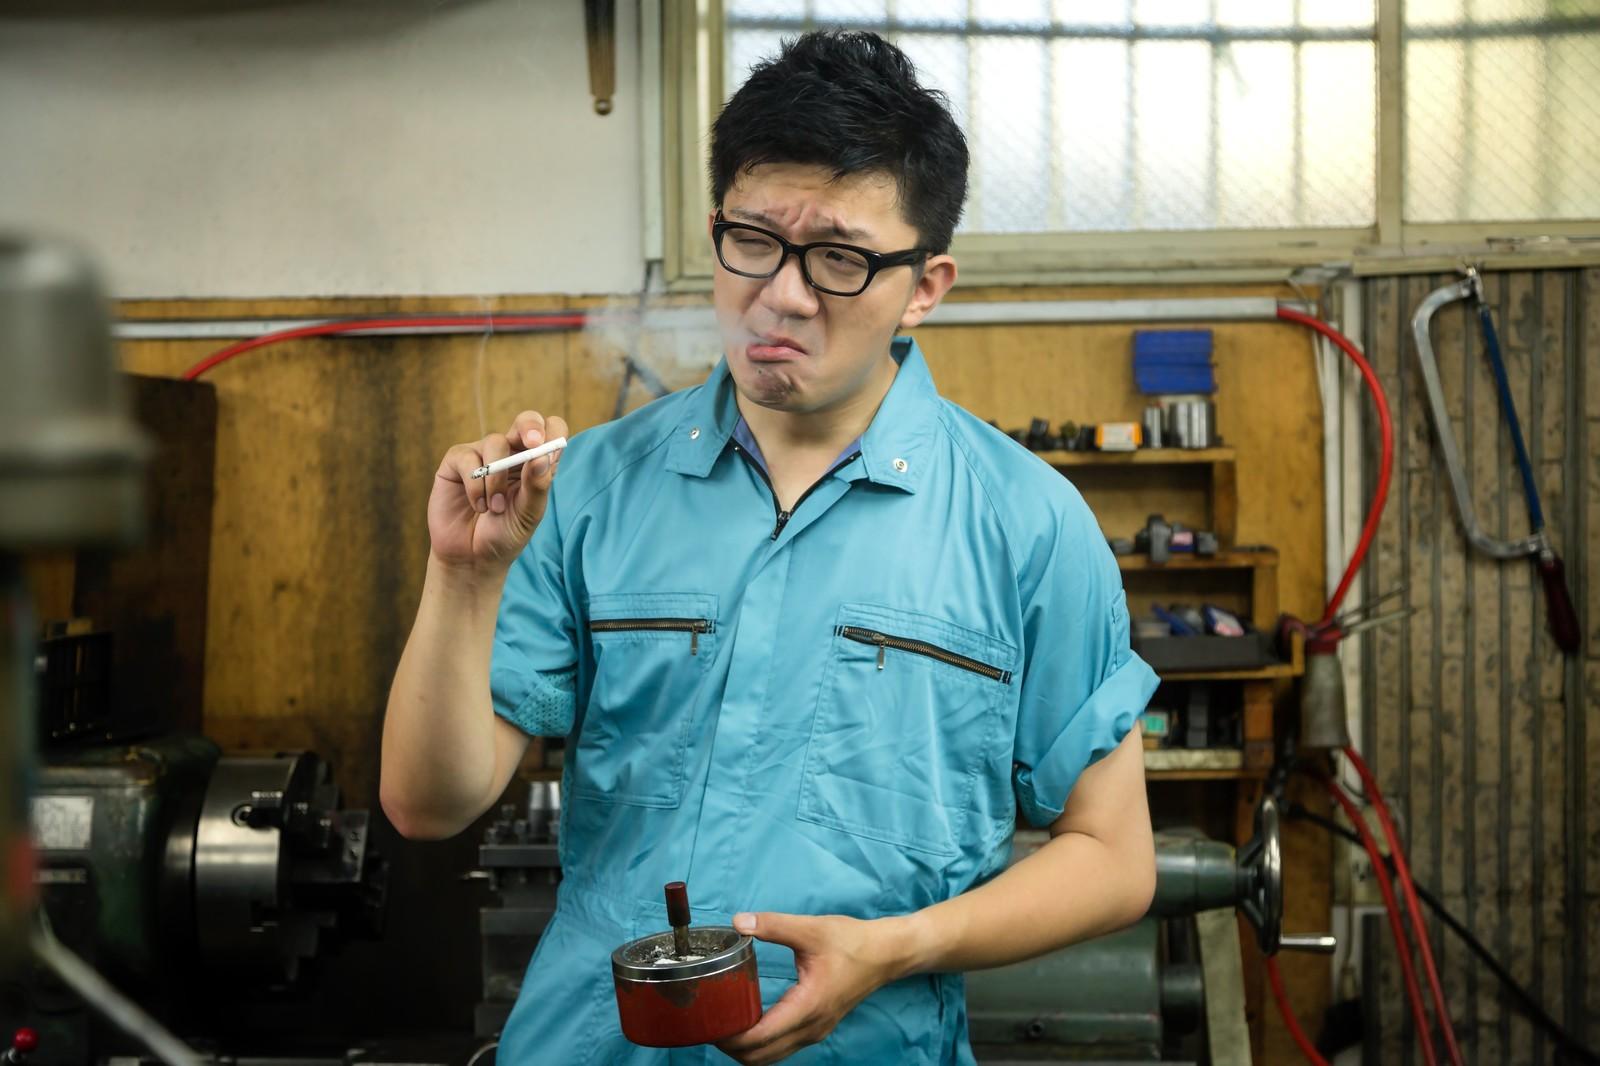 日本の会社はそろそろ勤務時間中の喫煙を禁止したらどうなのか?